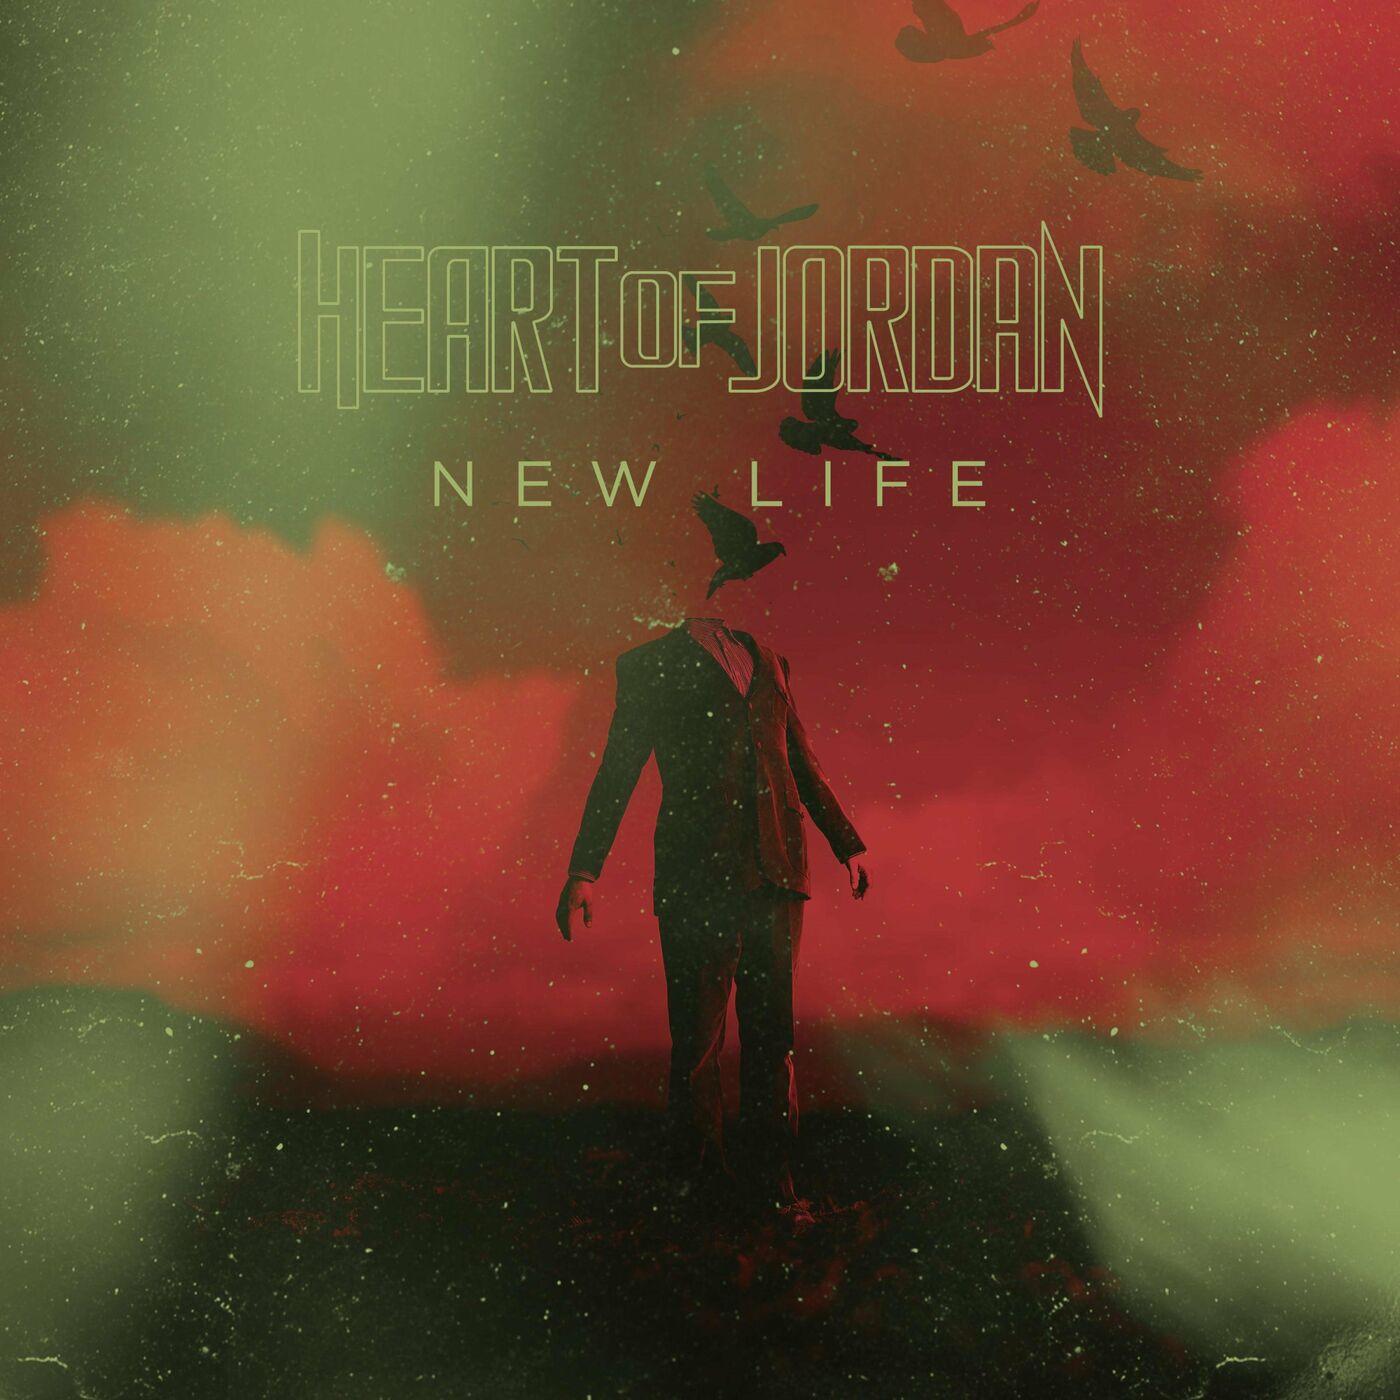 Heart of Jordan - New Life [single] (2021)